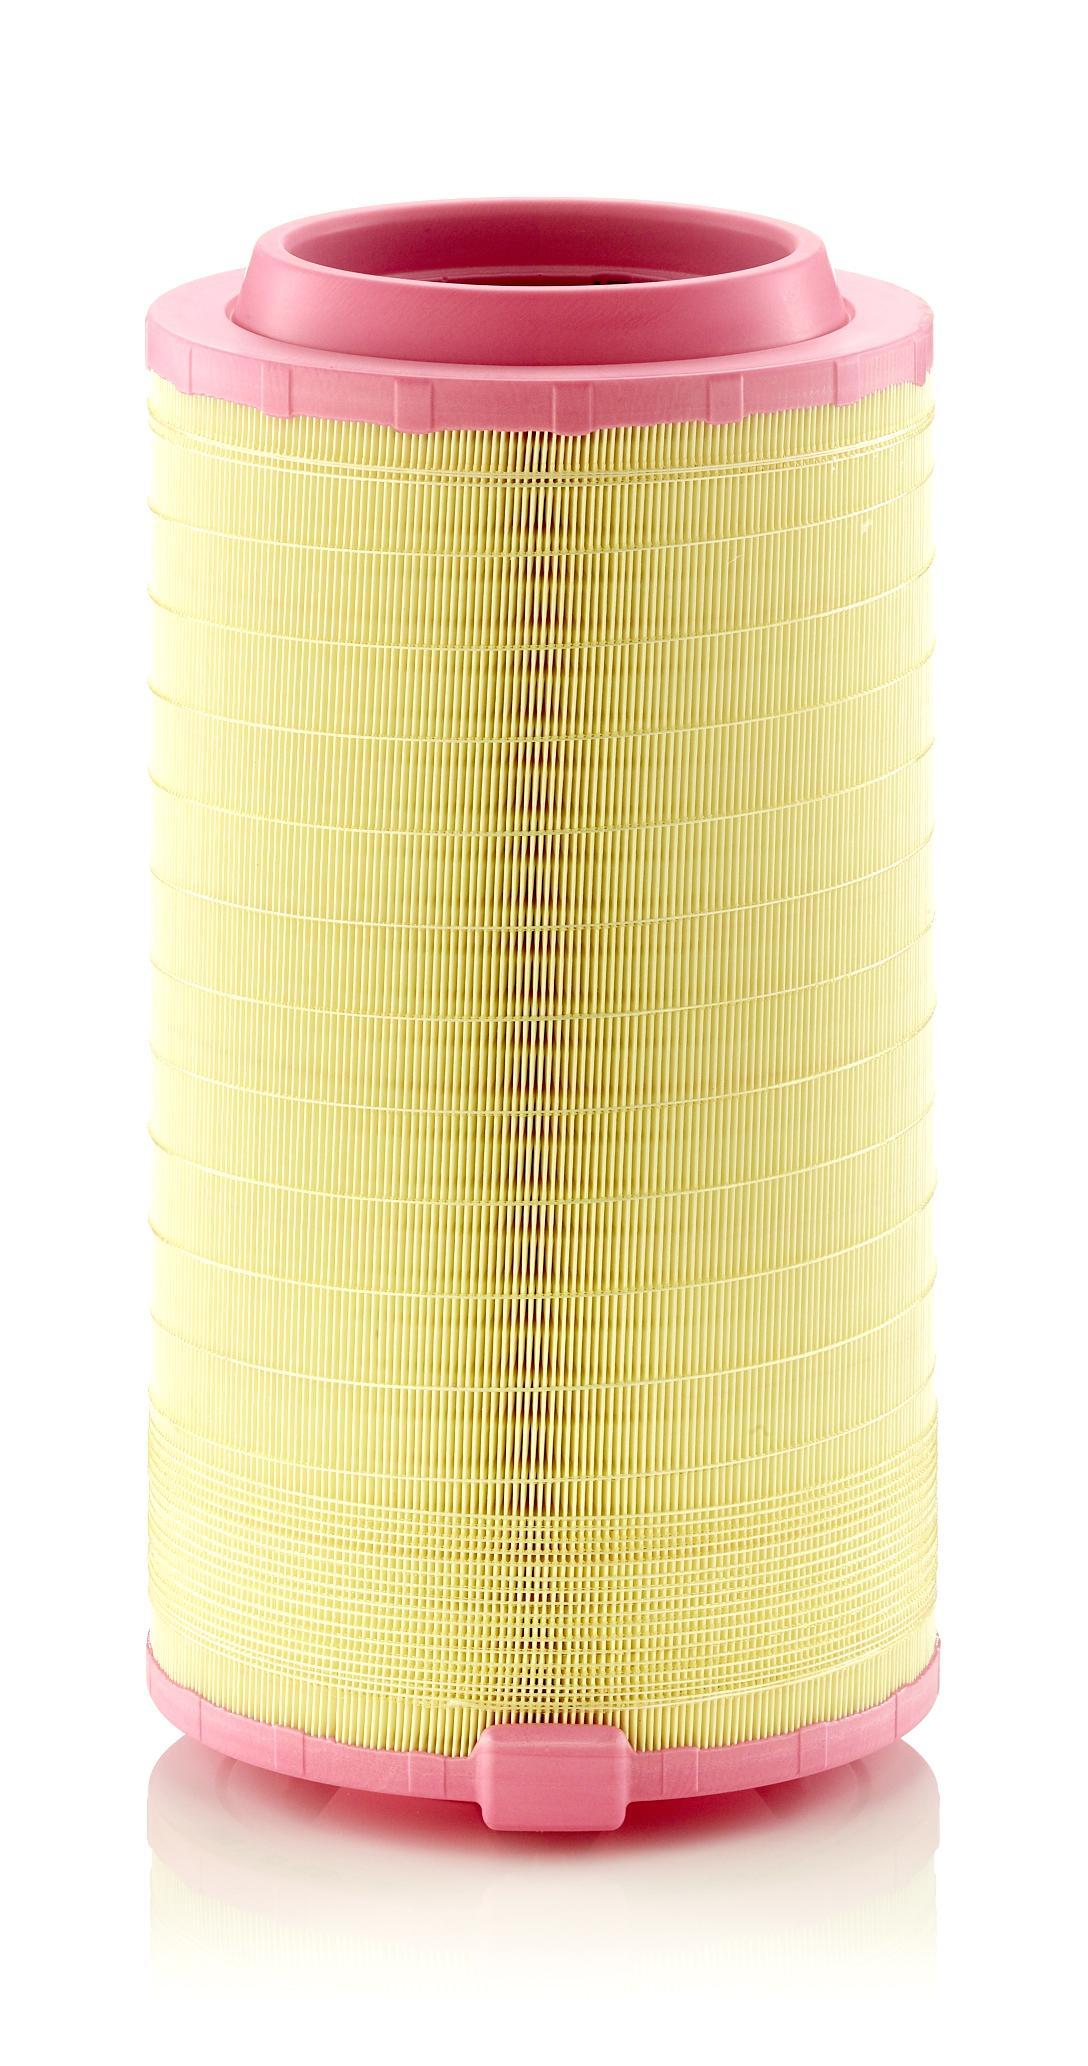 C 27 038/1 MANN-FILTER Luftfilter für MAN online bestellen